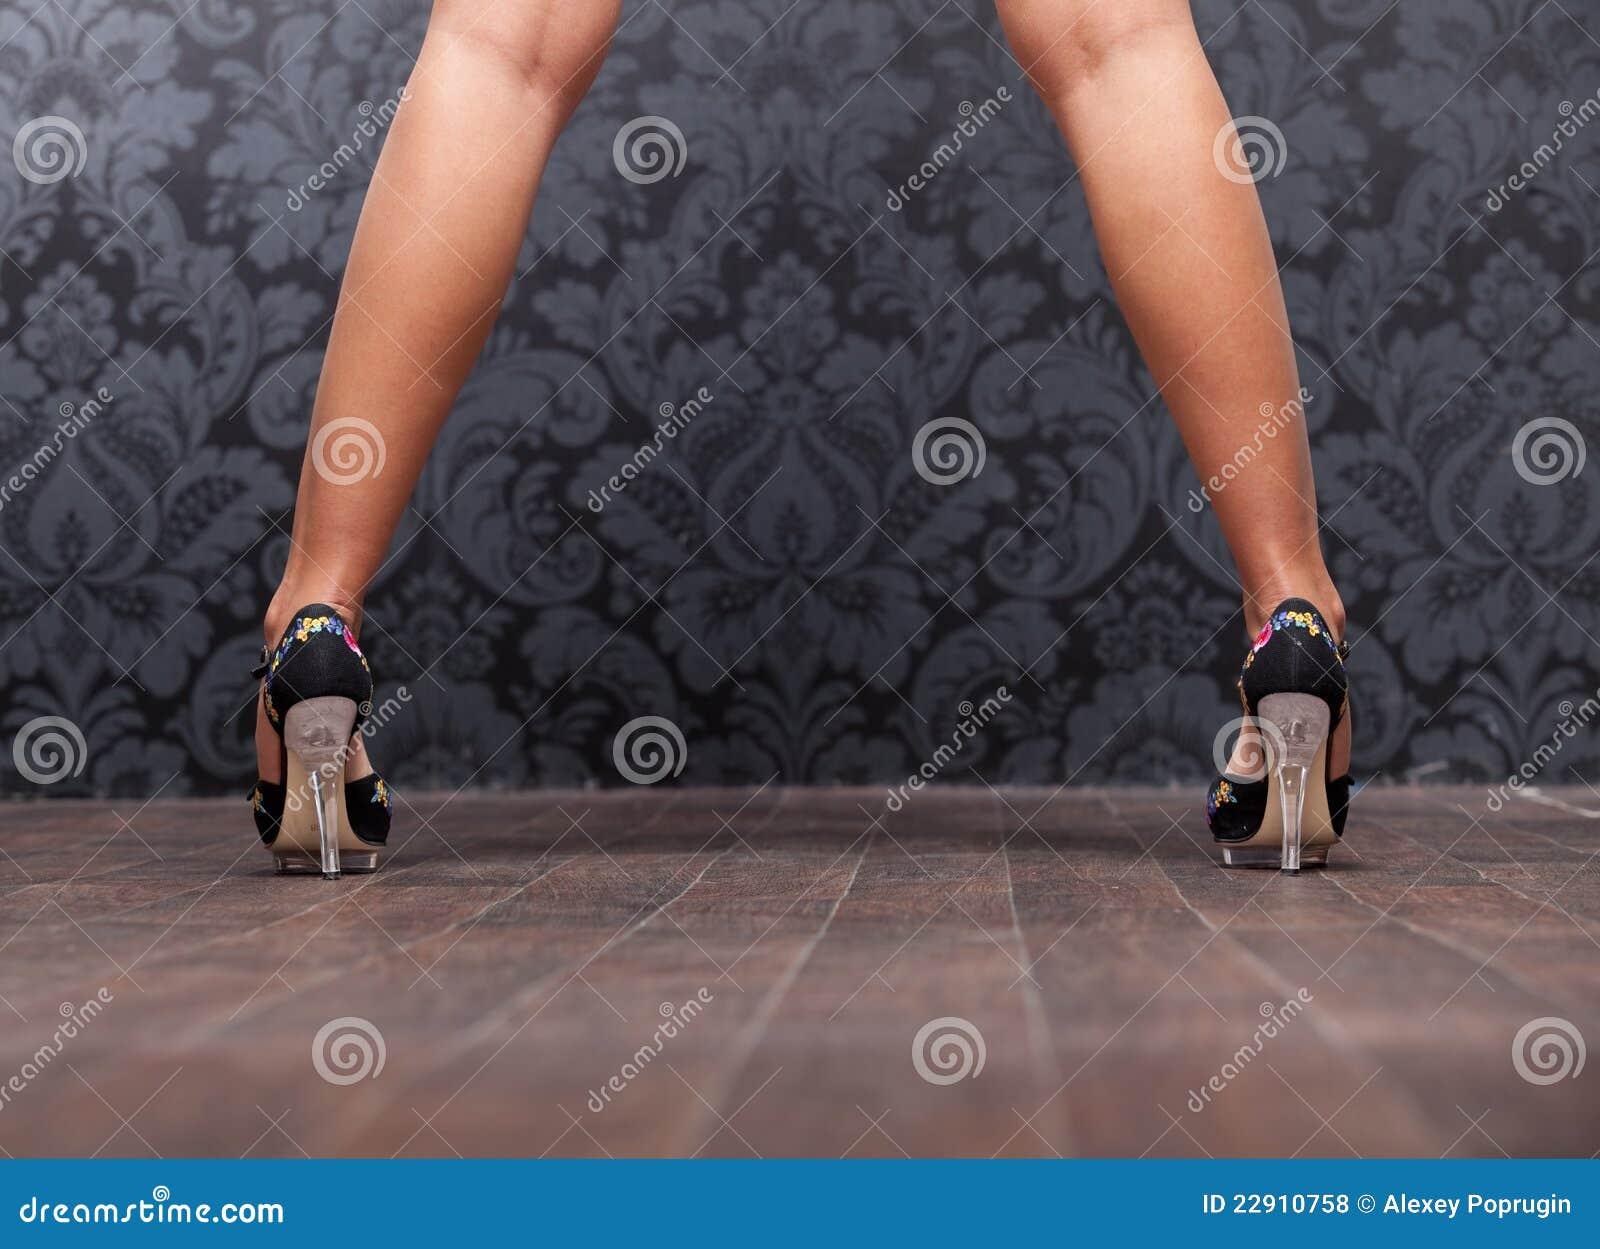 Фото девушки шире ноги 20 фотография